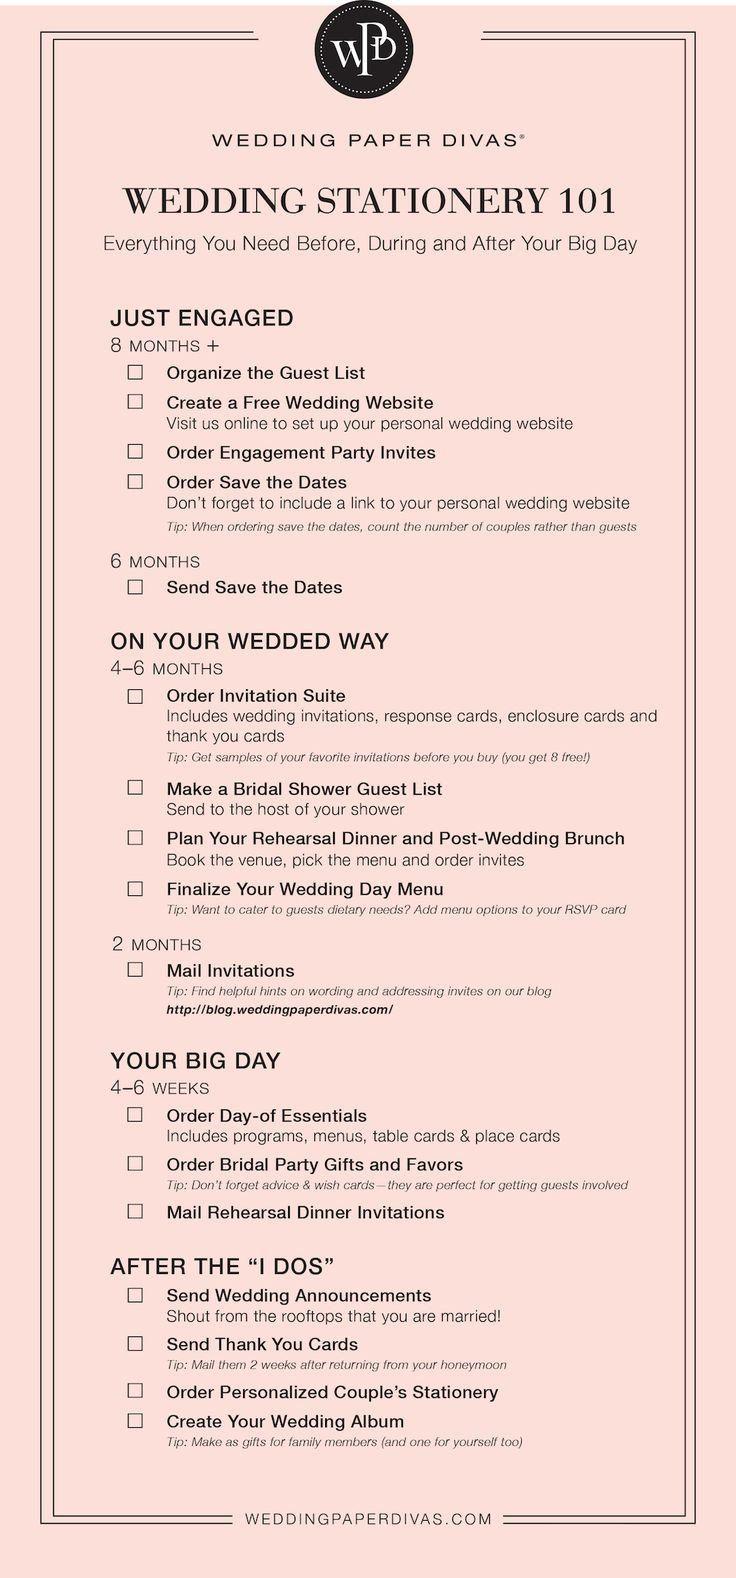 Wedding Paper Divas Website Wedding Paper Divas Coupons Wedding Paper Divas If You Are Wedding Paper Divas Wedding Stationery Checklist Wedding Stationery